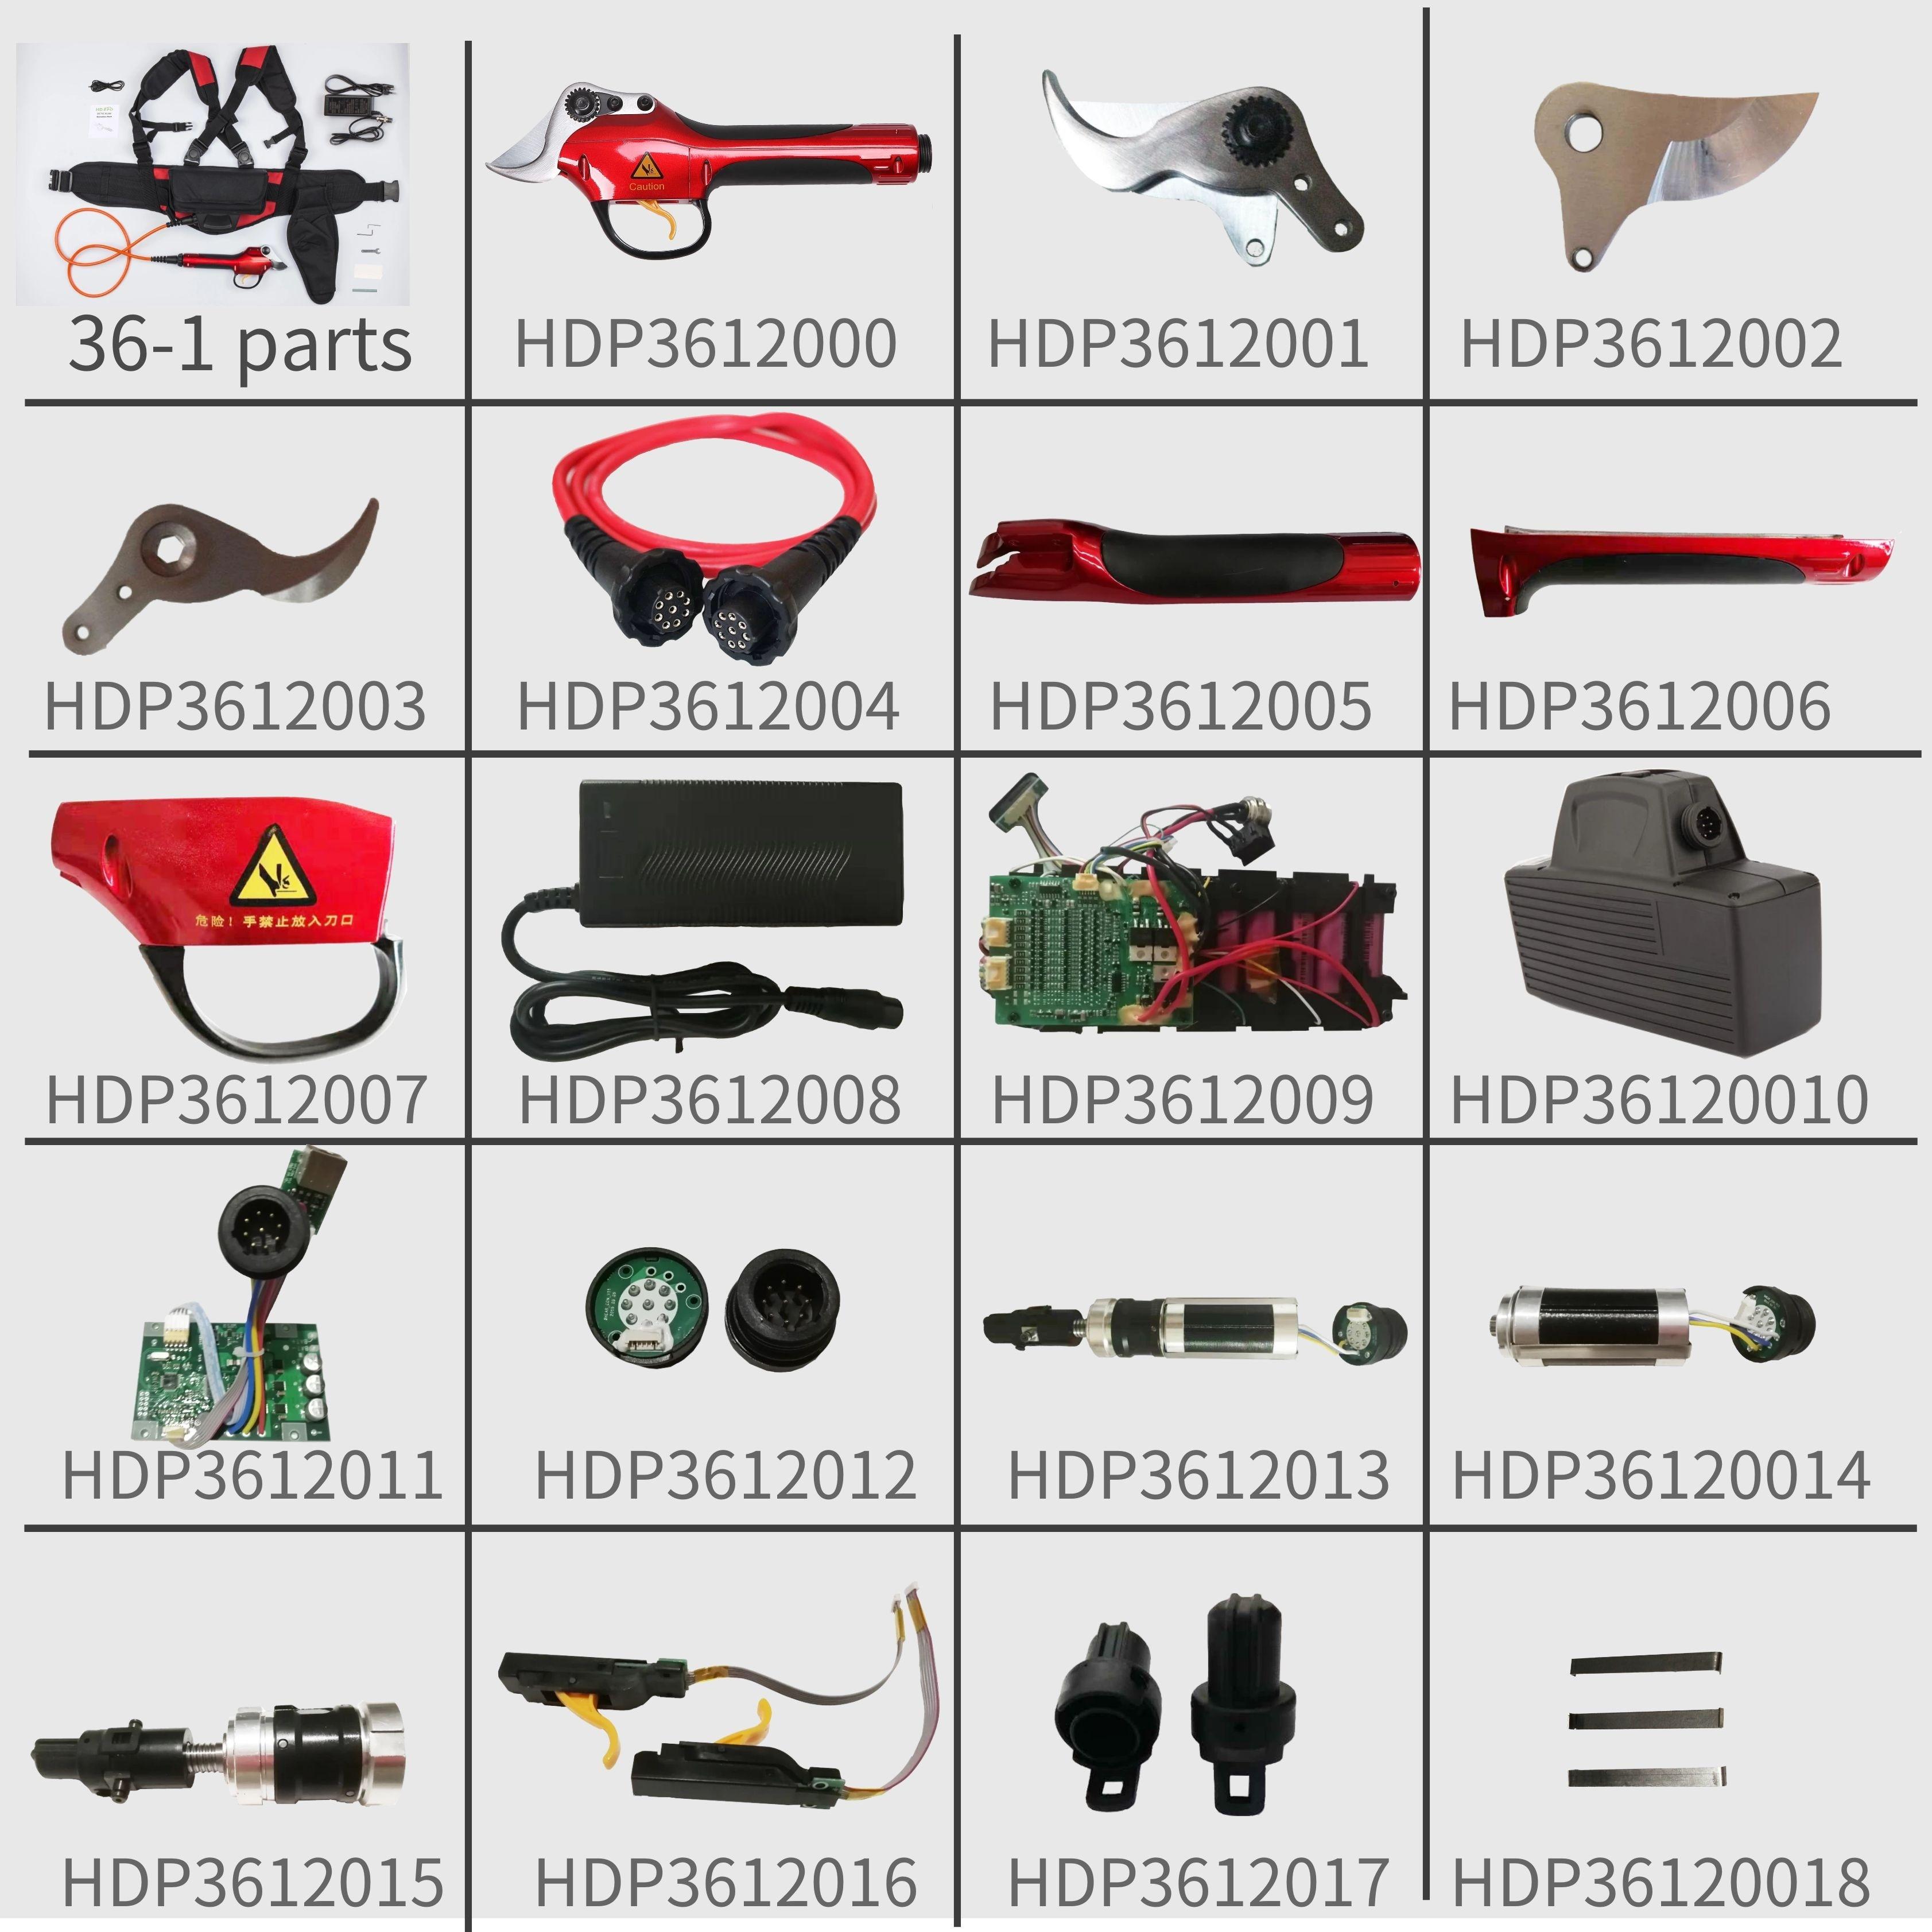 Aletler'ten Elektrikli Makaslar'de Bağlantı I HDP36 1 yedek parçaları  9 pin sürüm pruner kapak kabuk (HDP3612000 HDP3612017) title=